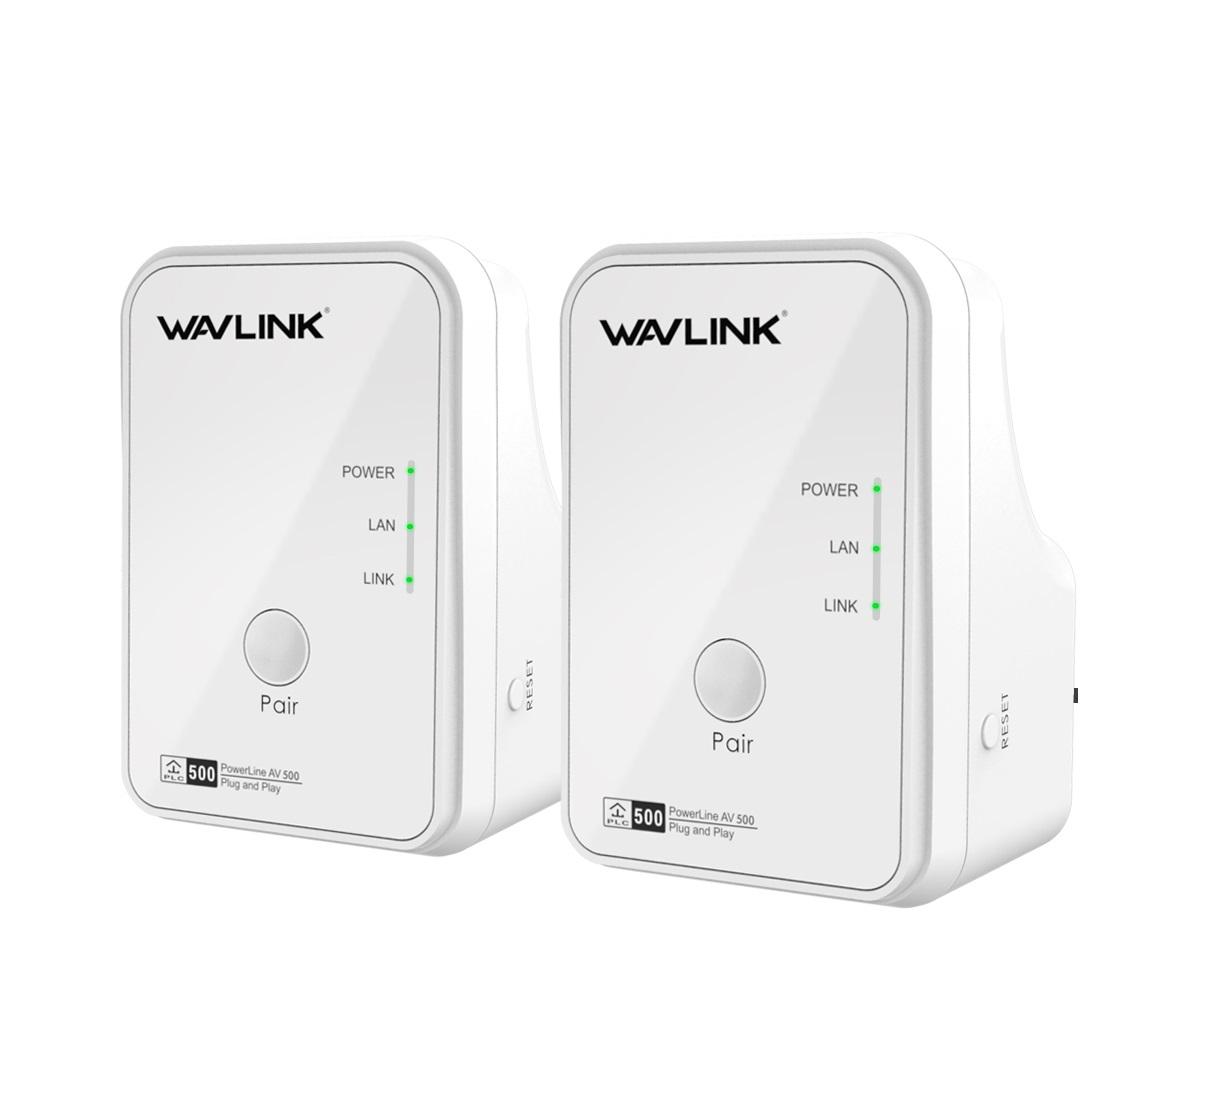 WavLink WL-NWP502M2 AV500 Ethernet Powerline Kit UK